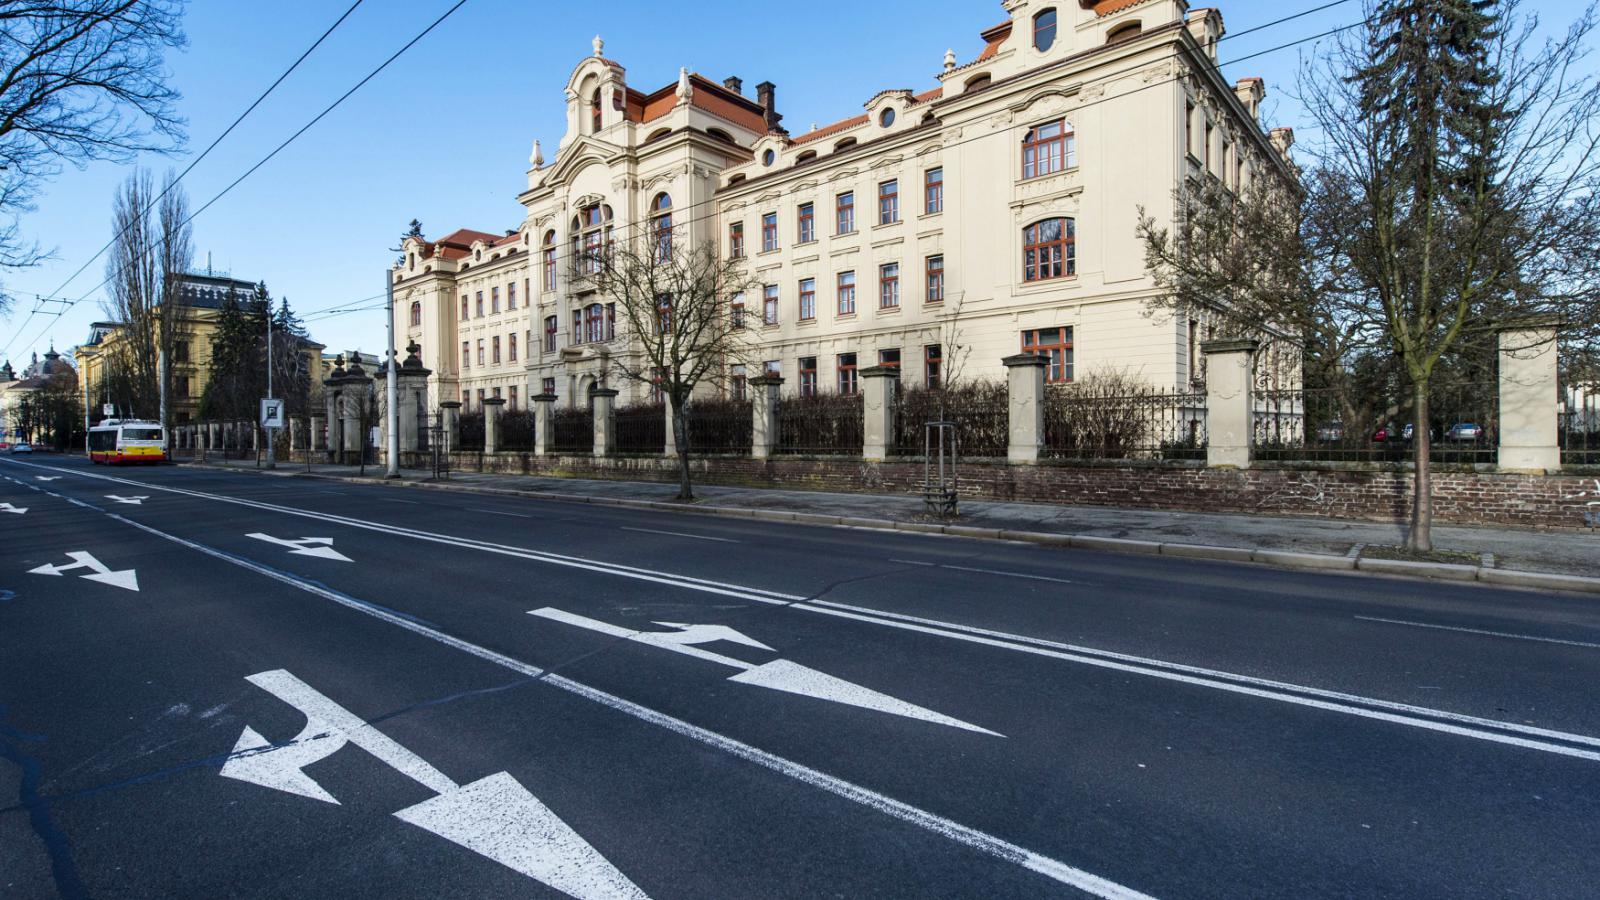 Nově opravené hradecké Rudolfinum